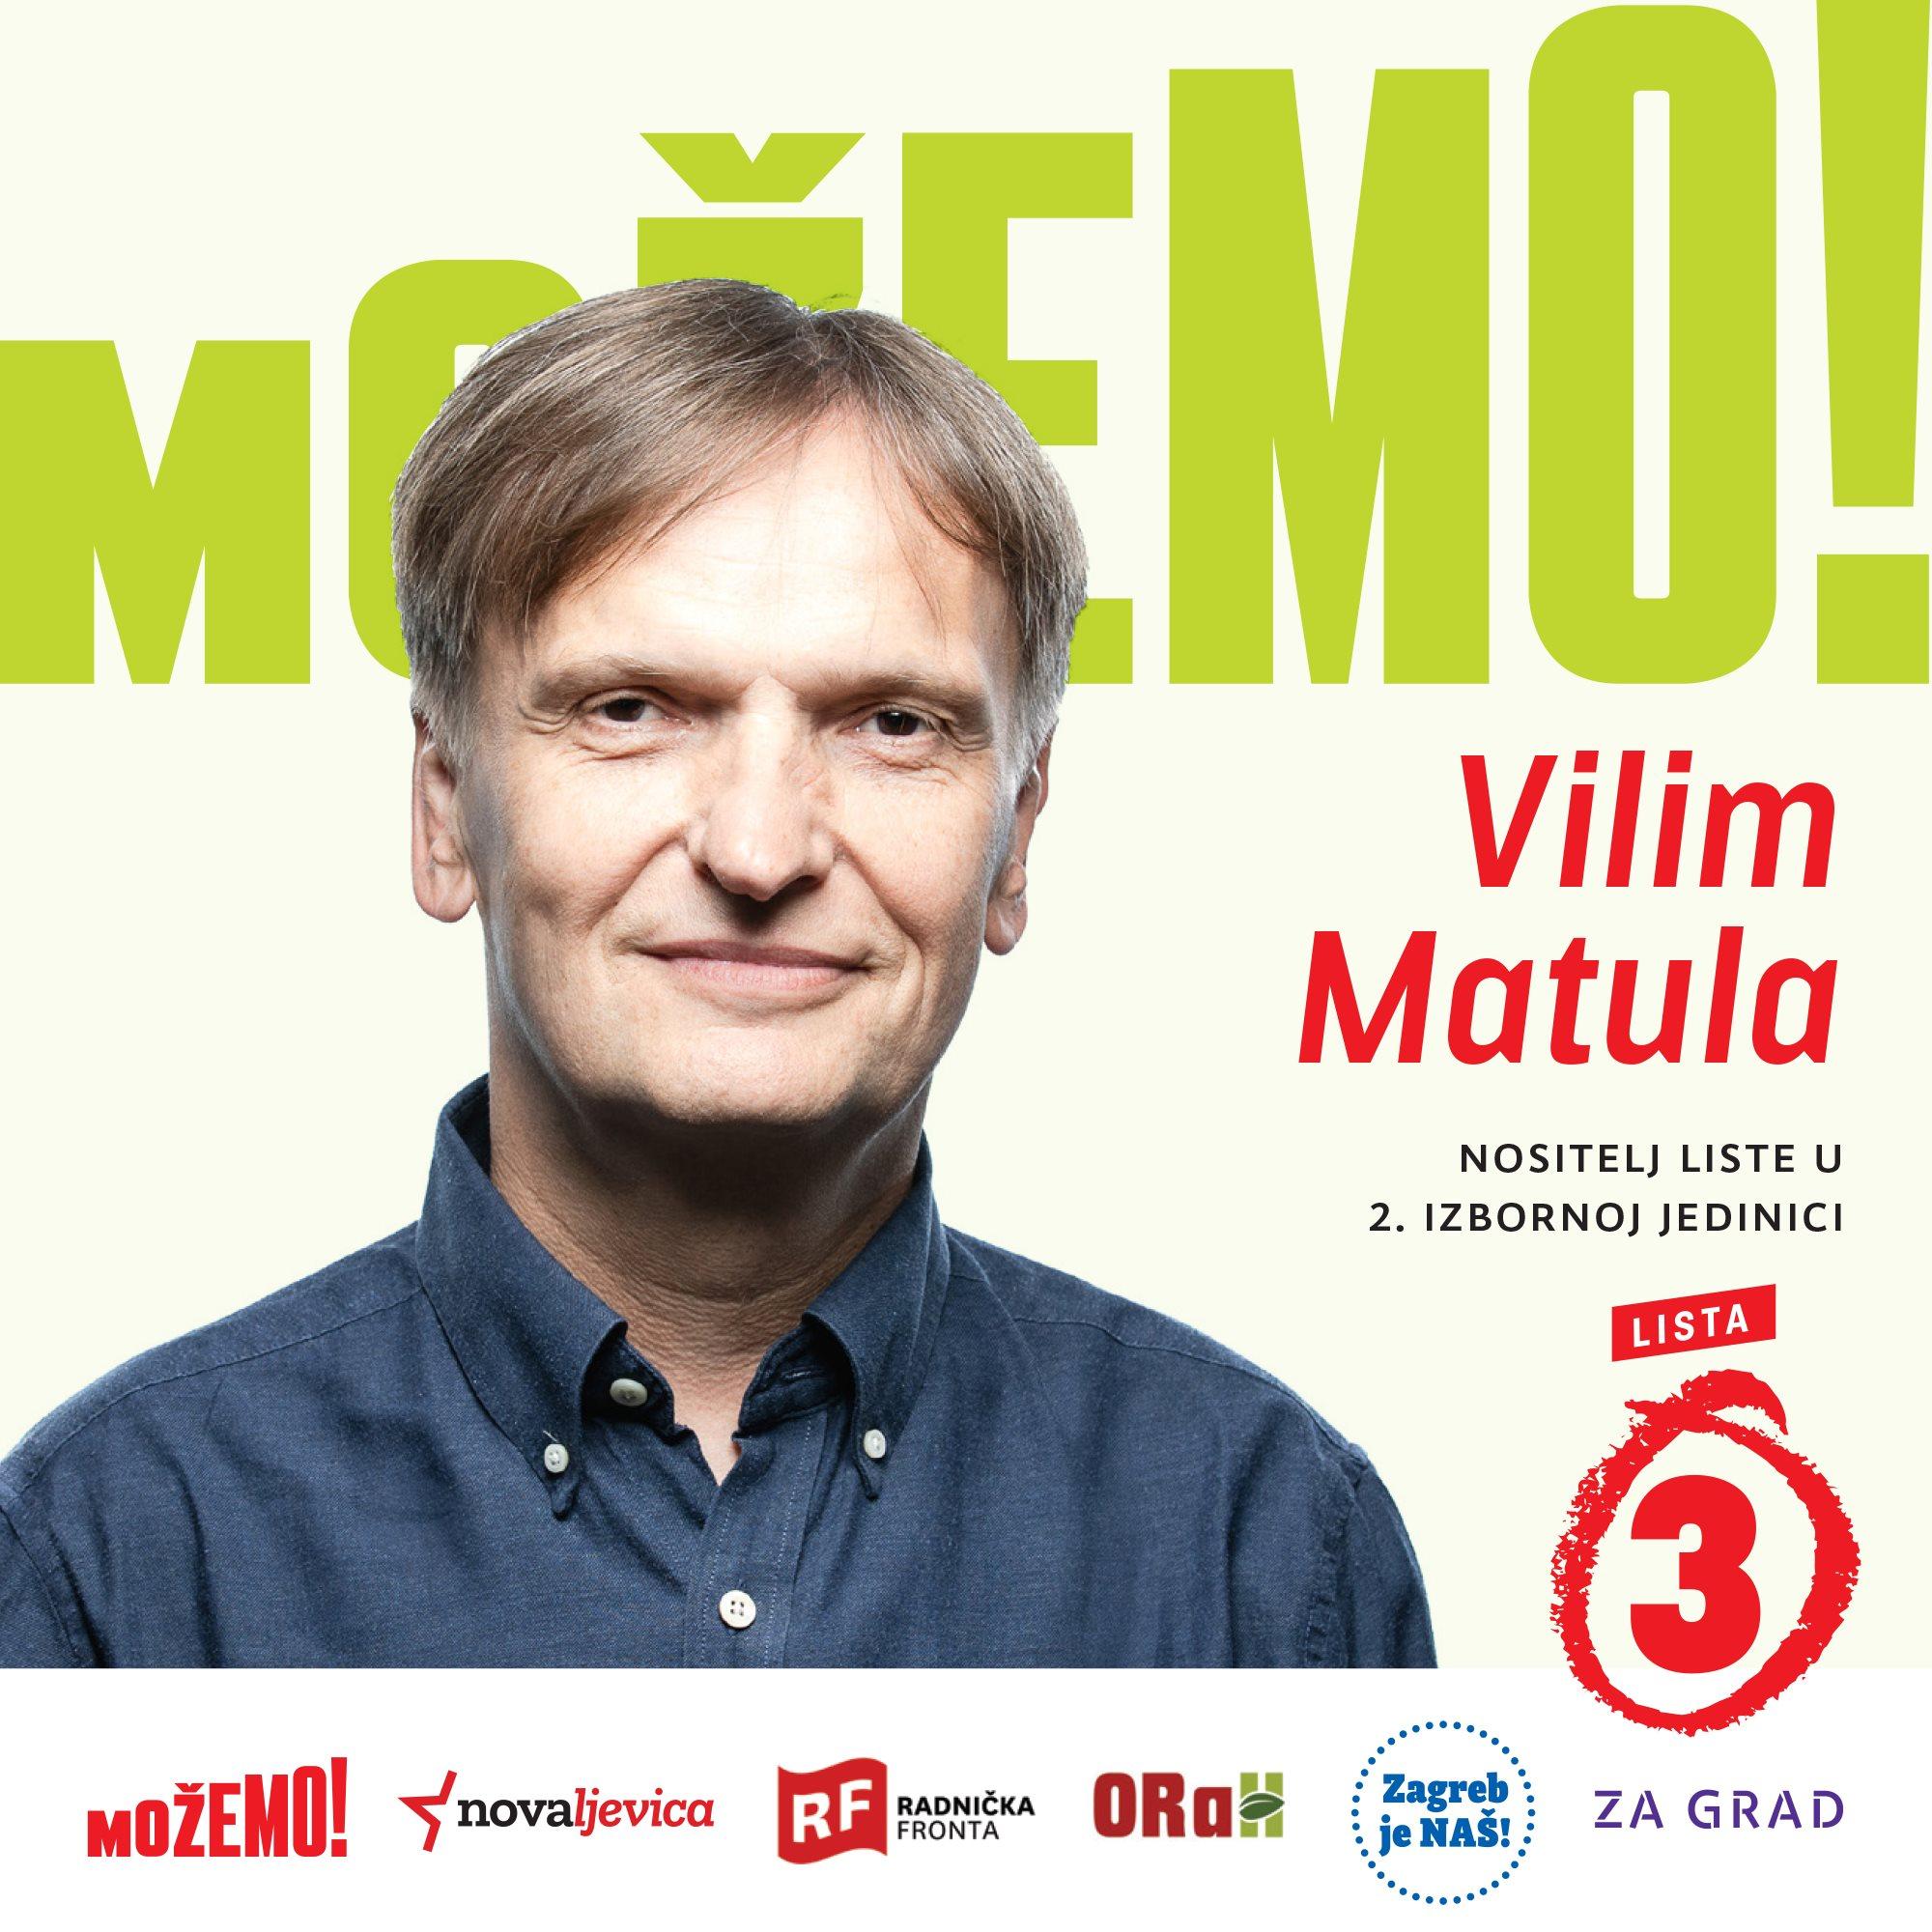 Prvi na našoj listi u 2. izbornoj jedinici je Vilim Matula!